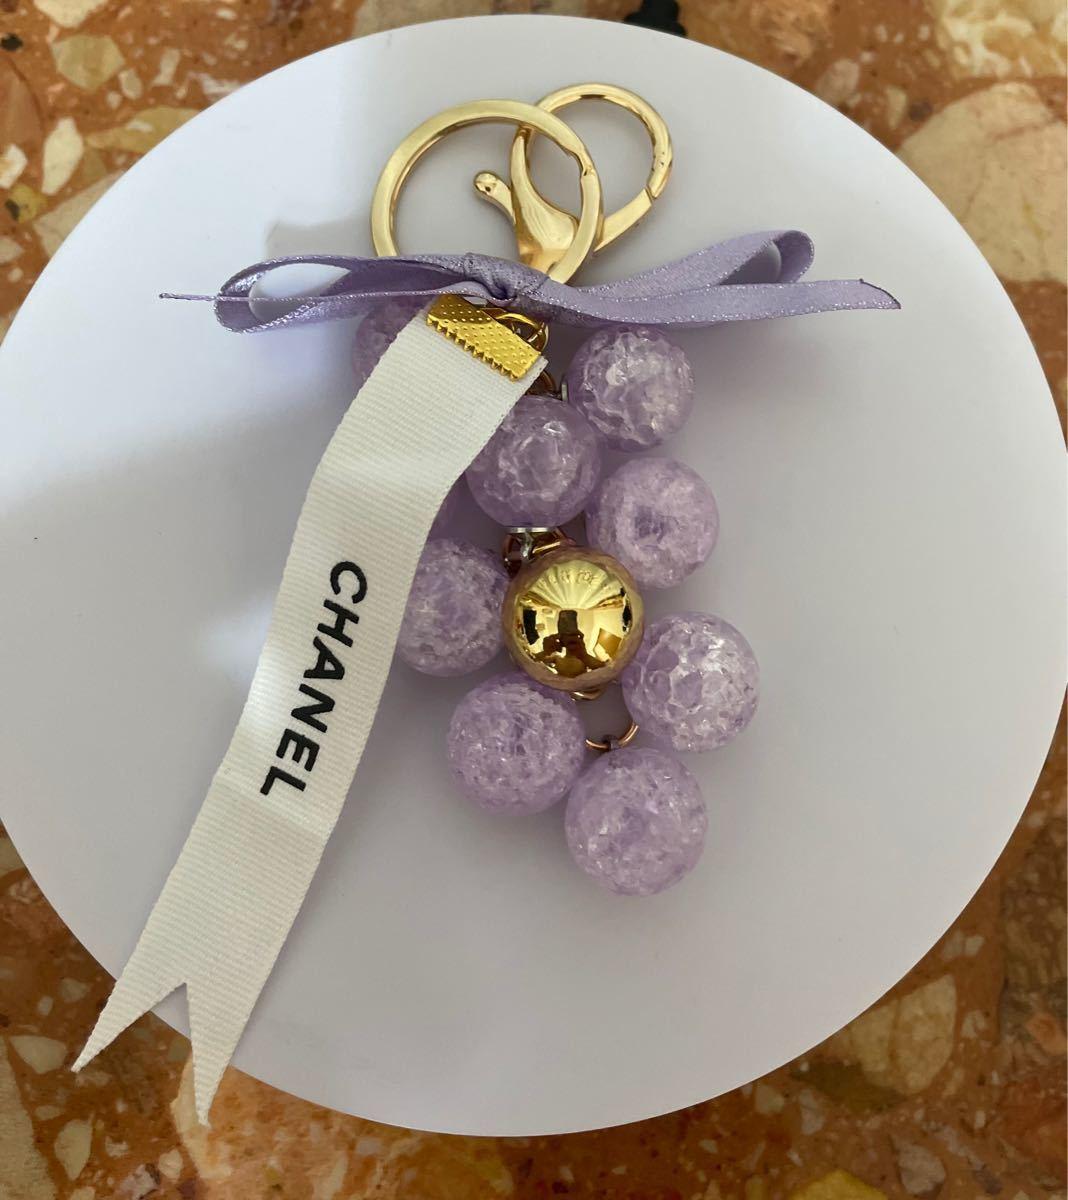 選べる 葡萄形 クラッシュ水晶タイプ バッグチャーム キーリング キーホルダー シャネル リボン